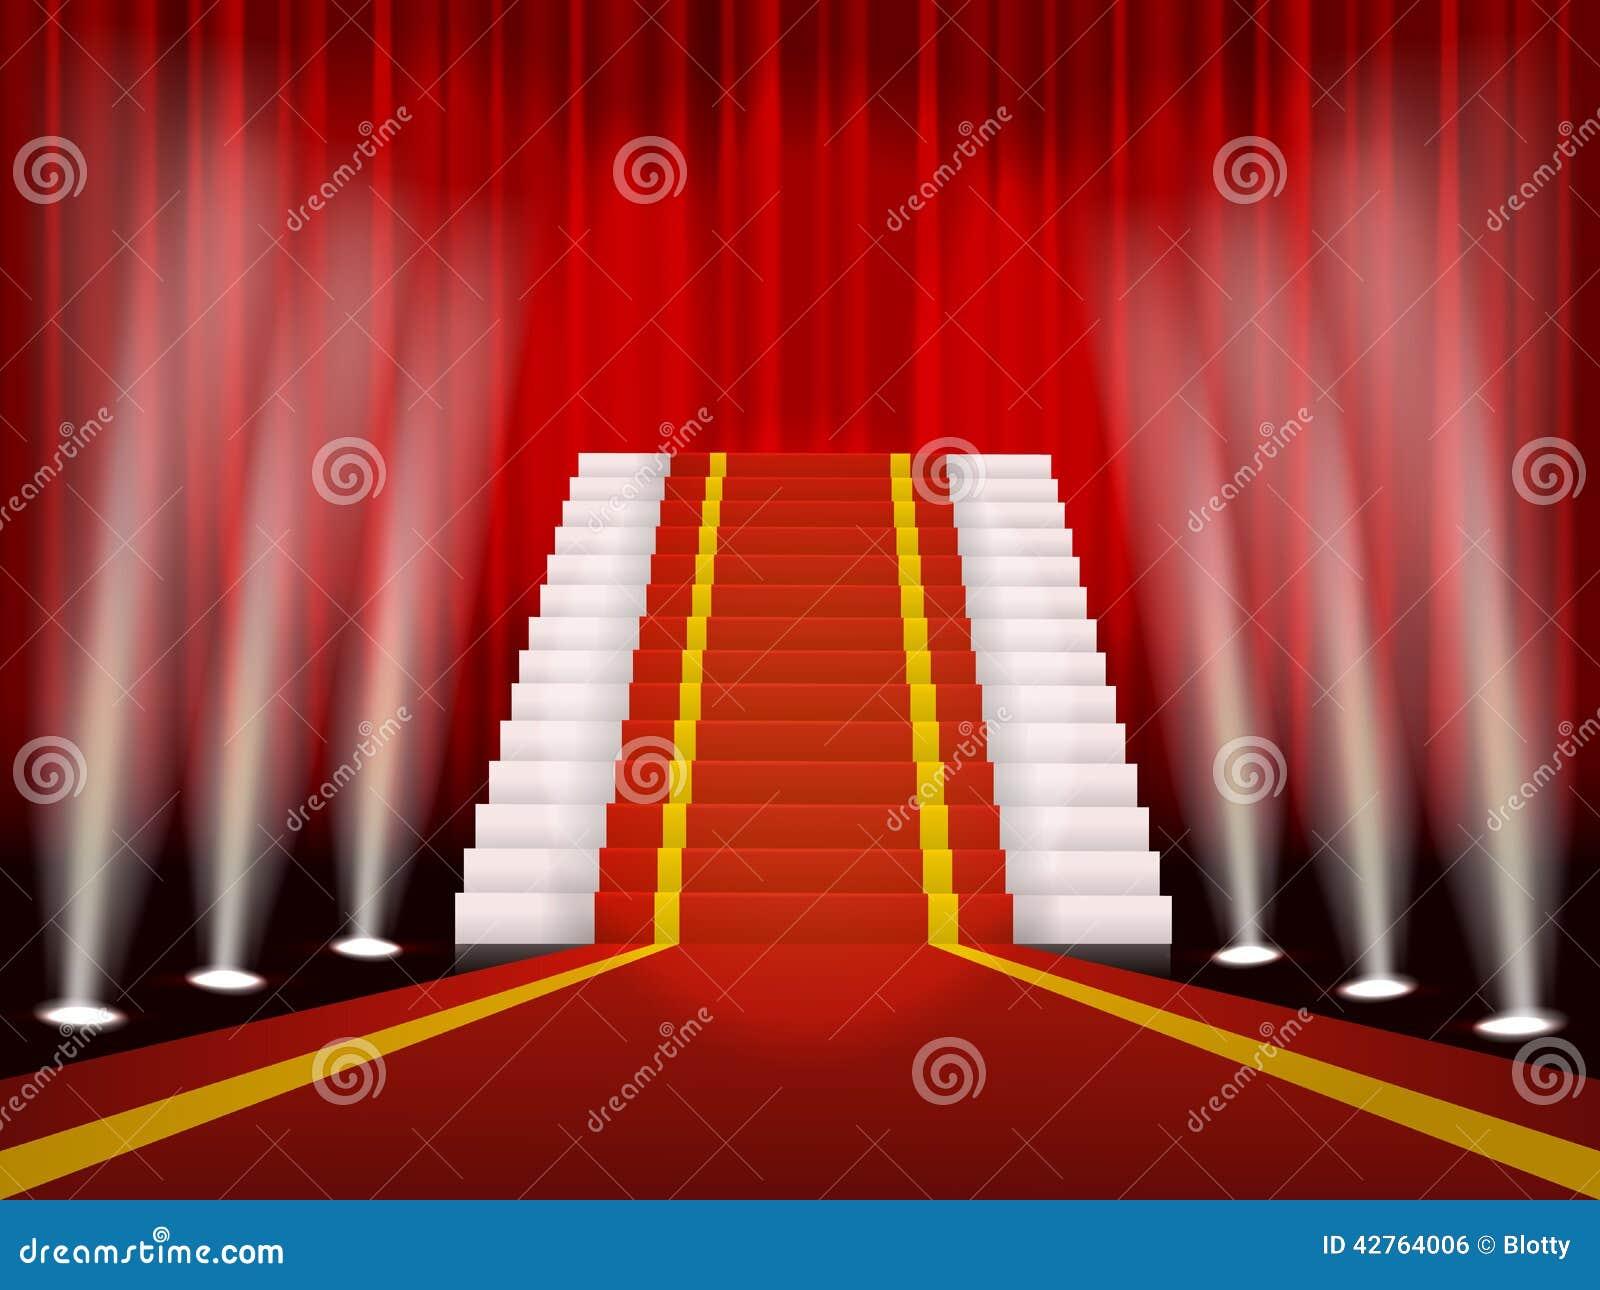 roter teppich und treppe f r befriedigende zeremonie vektor abbildung bild 42764006. Black Bedroom Furniture Sets. Home Design Ideas